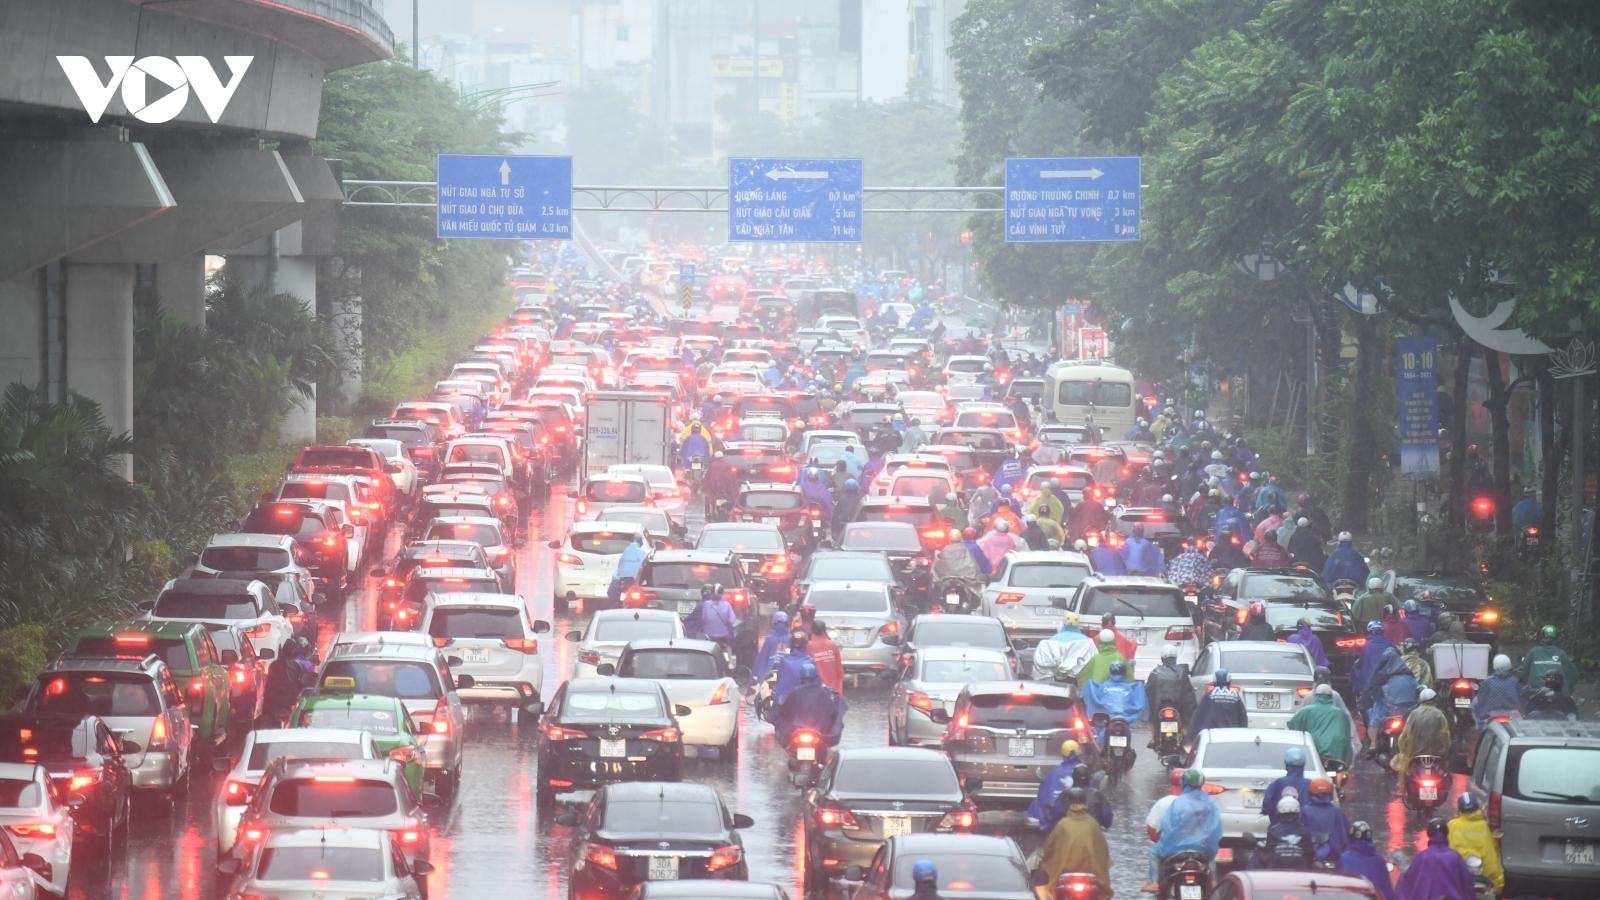 Mưa lớn, đường phố ở Hà Nội ùn tắc kéo dài trong sáng đầu tuần